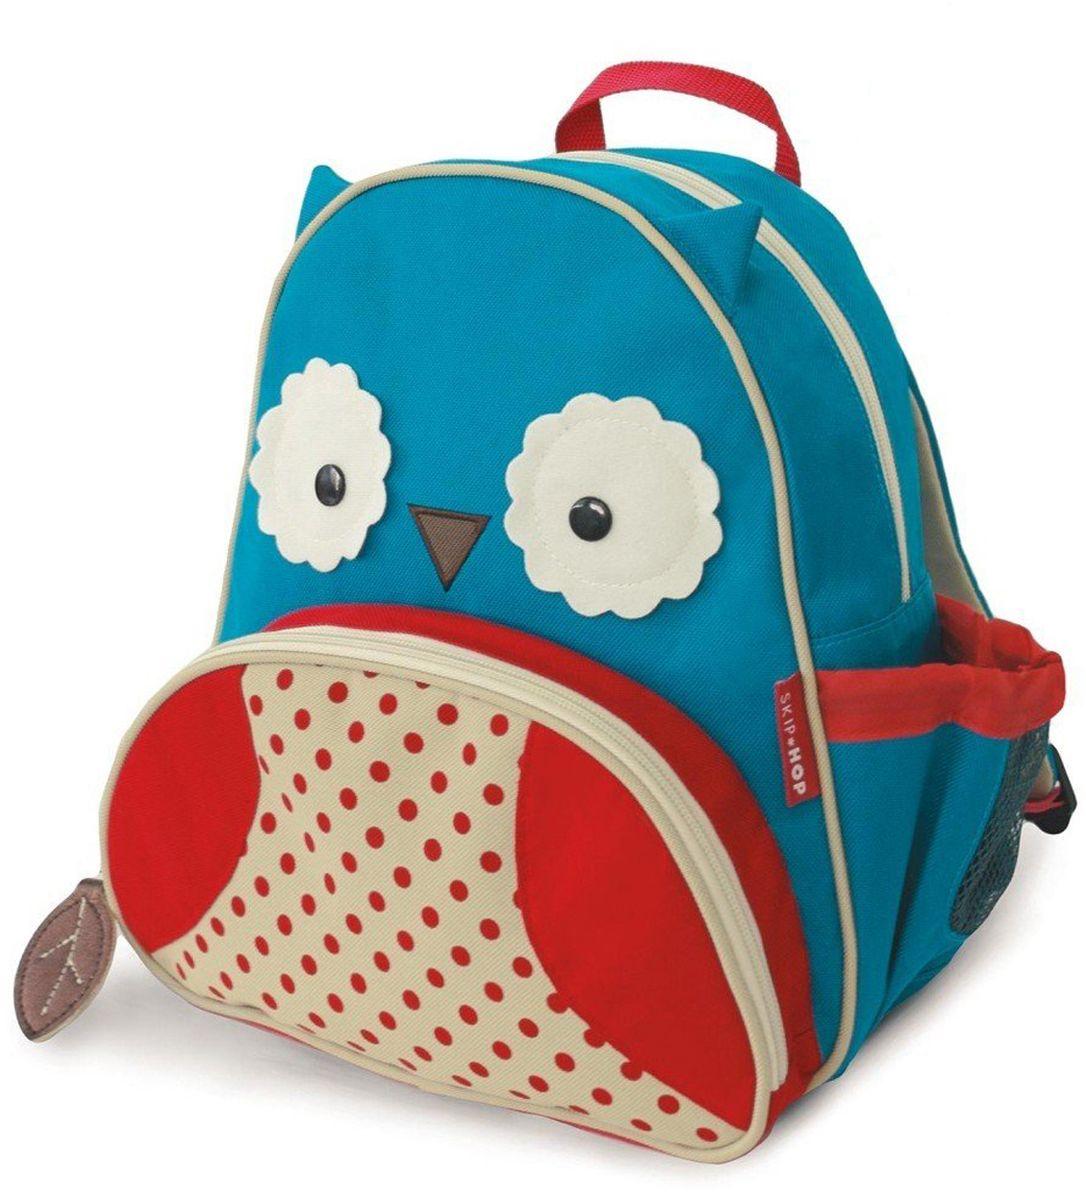 Skip Hop Рюкзак дошкольный СоваSH 210204Дошкольный рюкзак Skip Hop каждый день будет радовать вашего малыша, вызывать улыбки у прохожих и зависть у сверстников. С ним можно ходить в детский сад, на прогулку, в гости к бабушке или ездить на экскурсии.Рюкзак имеет одно основное отделение на застежке-молнии, в которое легко поместятся книжка, альбом для рисования, краски, фломастеры, любимая игрушка и контейнер с едой, а кармашек сбоку предназначен специально для бутылочки с водой. Передний карман на молнии предназначен для мелких вещей.Рюкзак оснащен ручкой для переноски в руках и лямками регулируемой длины.